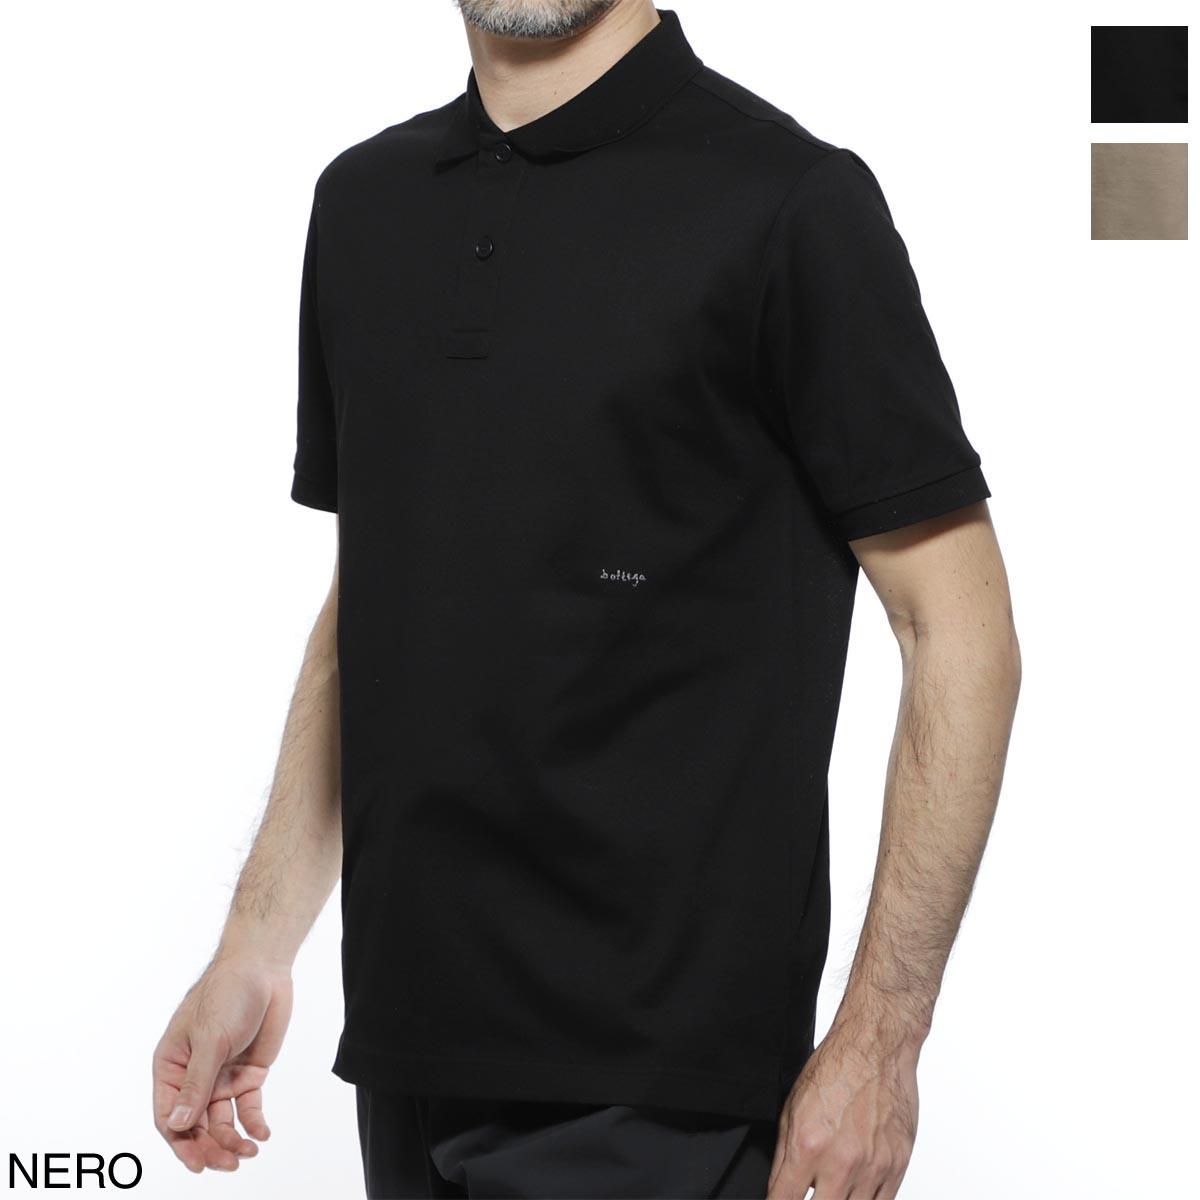 ボッテガヴェネタ BOTTEGA VENETA ポロシャツ メンズ コットン 綿 半袖 大きいサイズあり 599677 vko90 1000【あす楽対応_関東】【返品送料無料】【ラッピング無料】